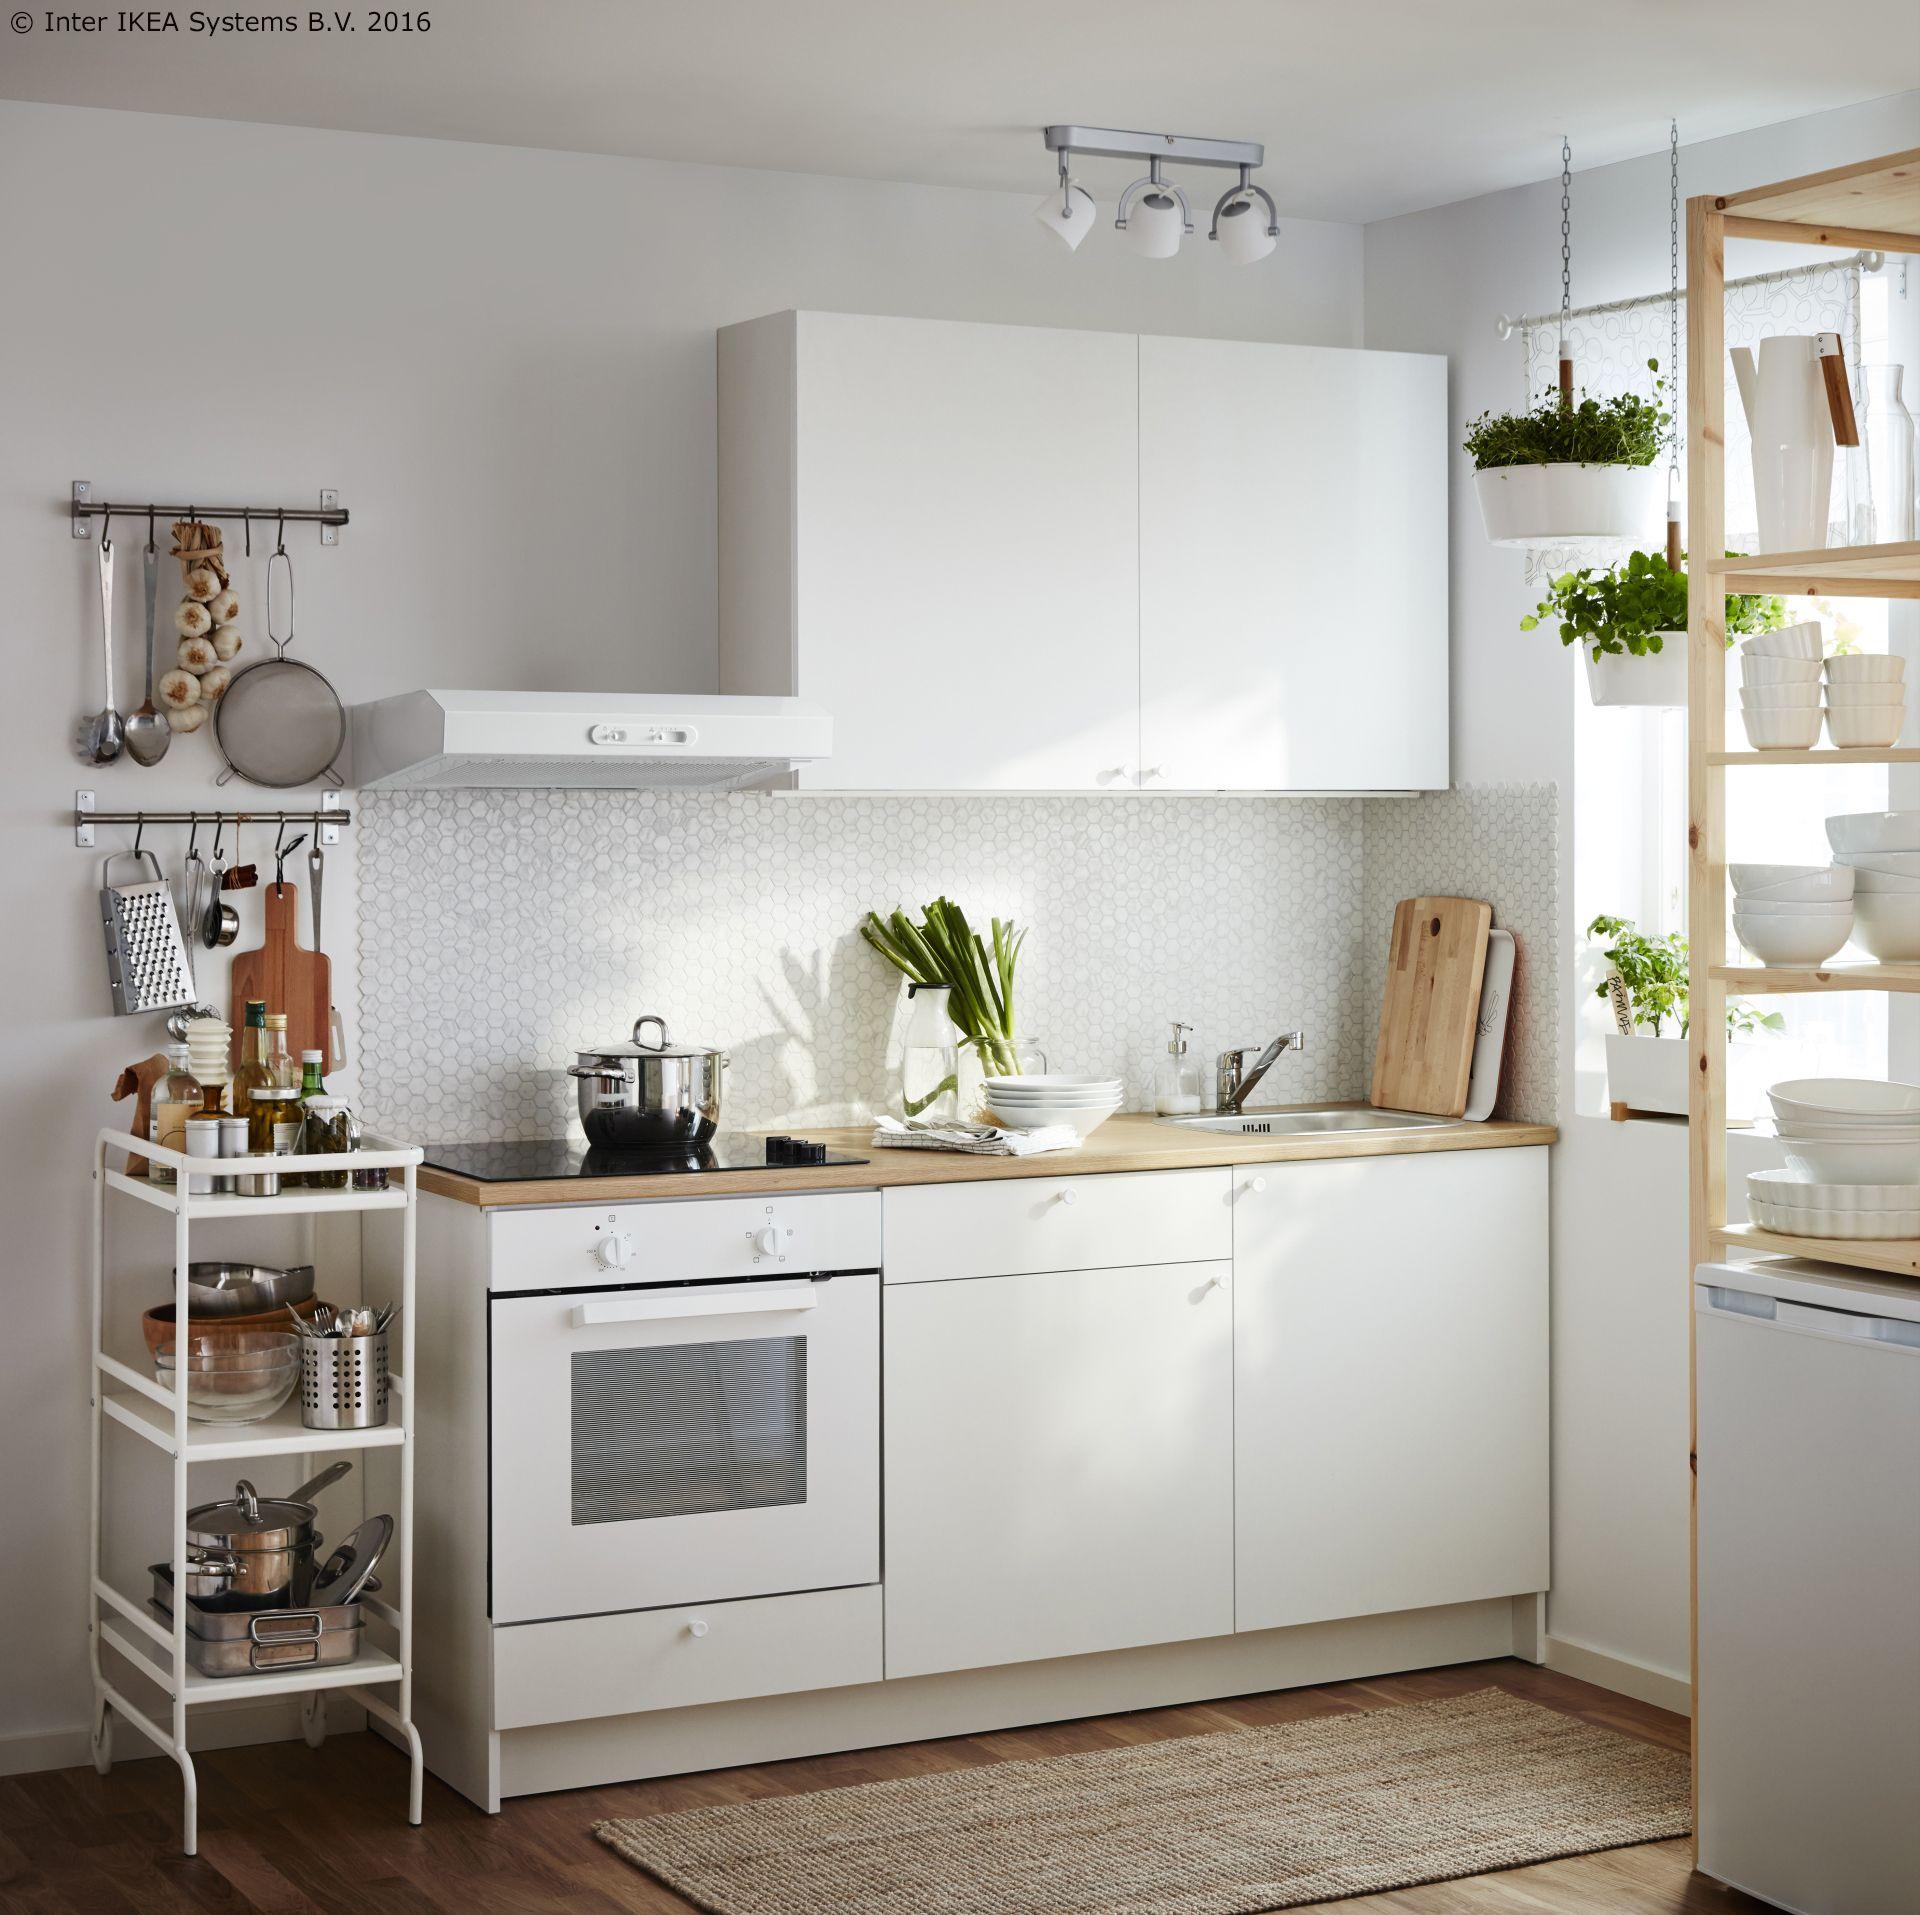 Small White Kitchen Apartment po dobroj cijeni možeš potražiti rajski bijelu knoxhult kuhinju